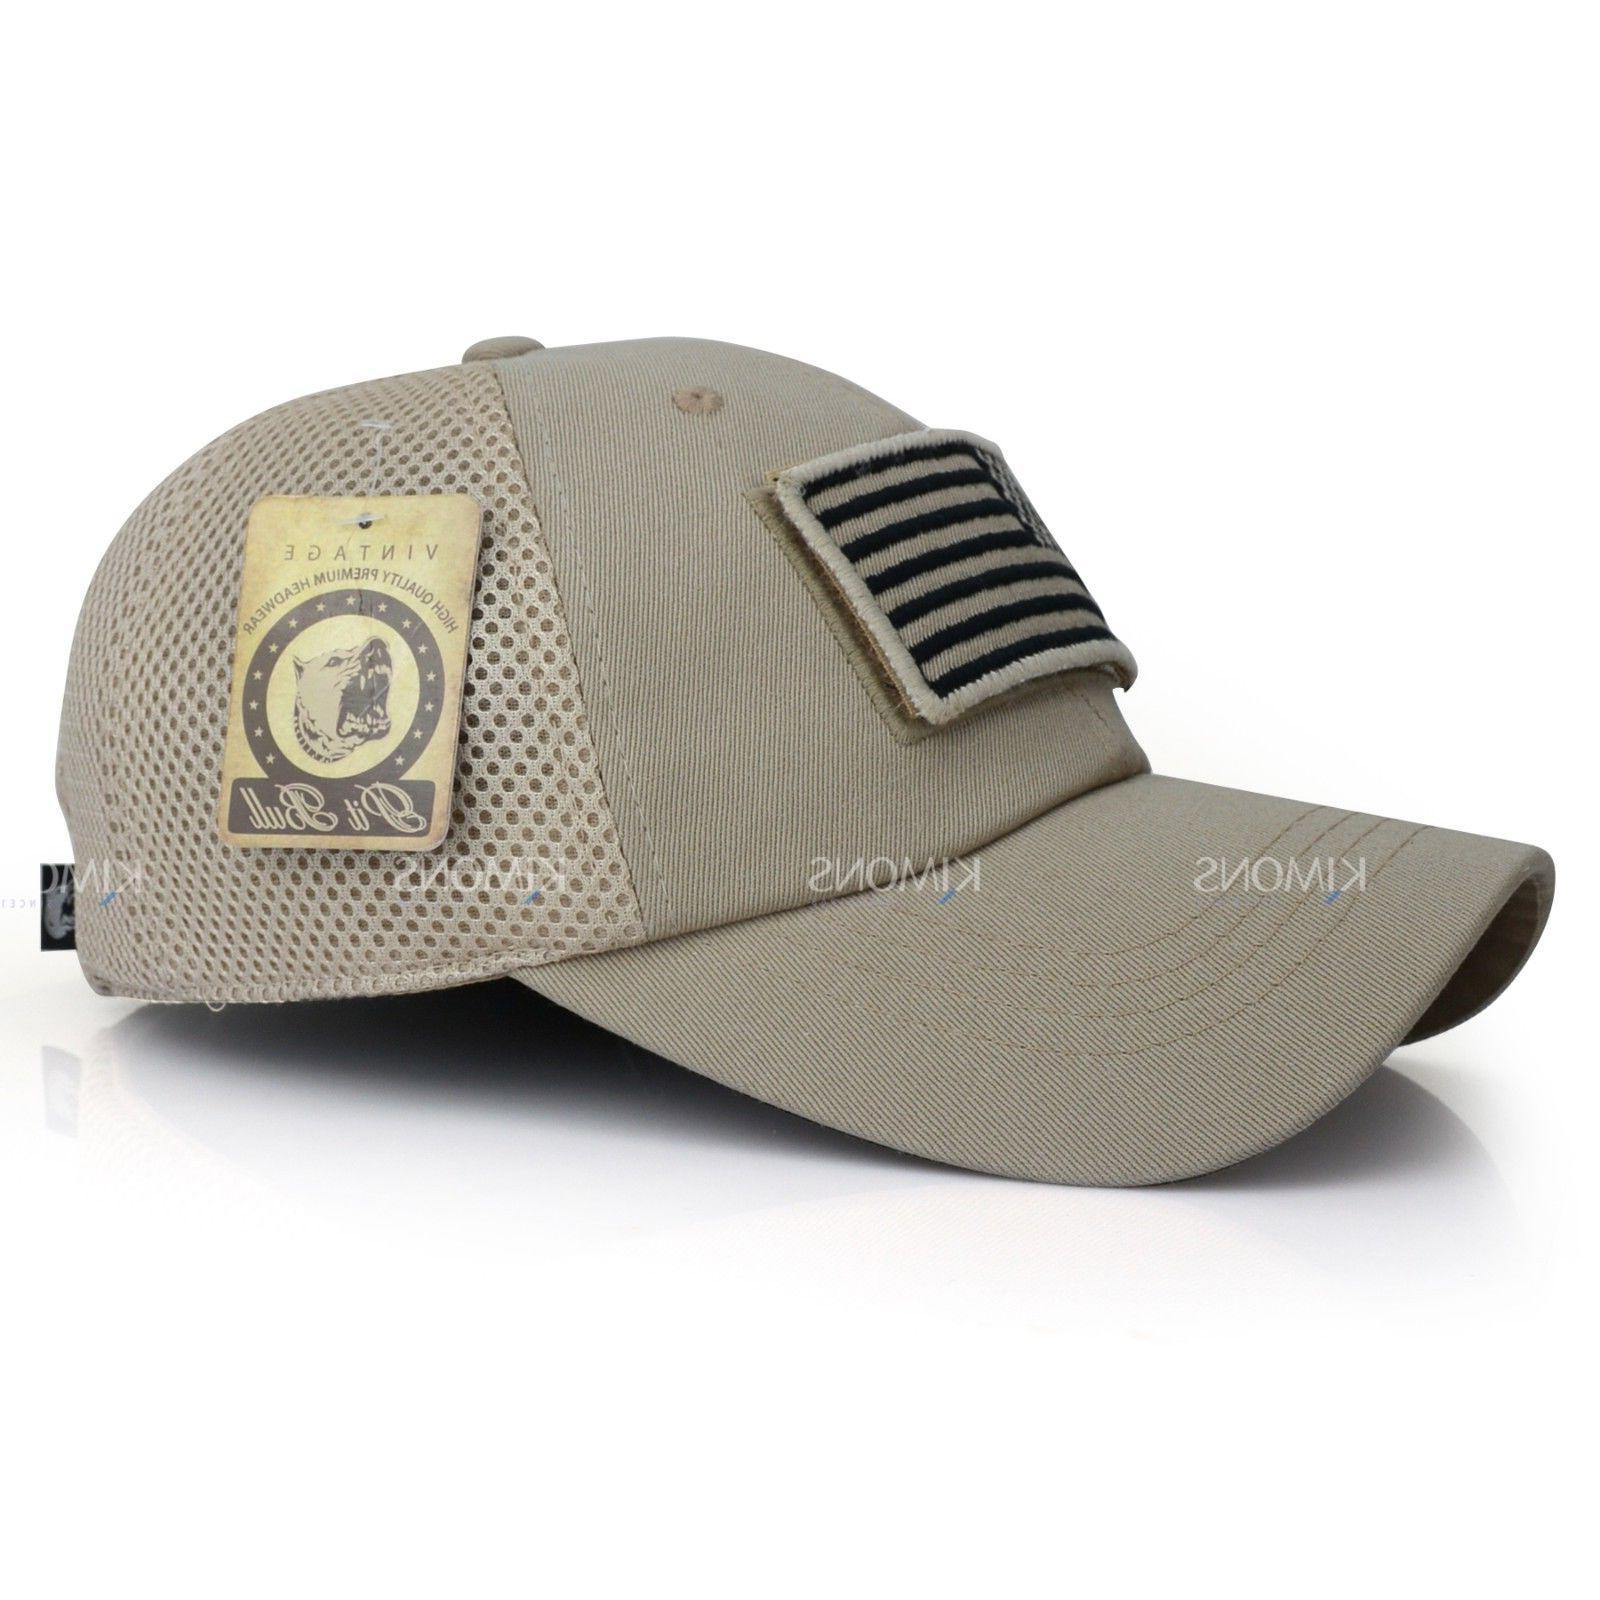 USA hat Detachable Baseball Military Army US